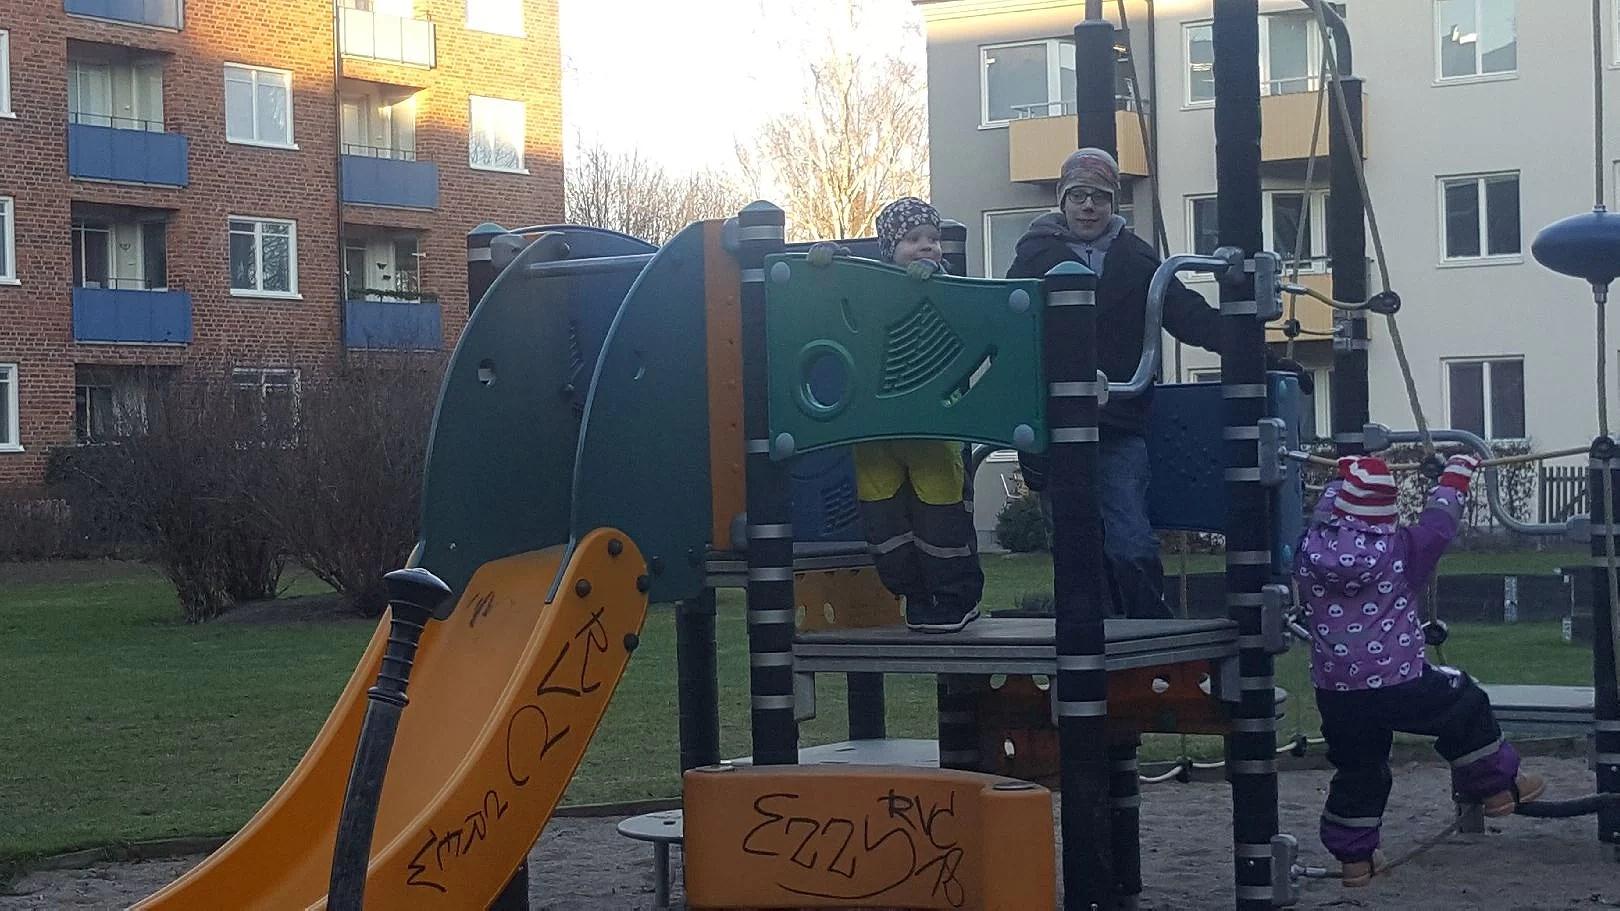 Parkhäng i kylan